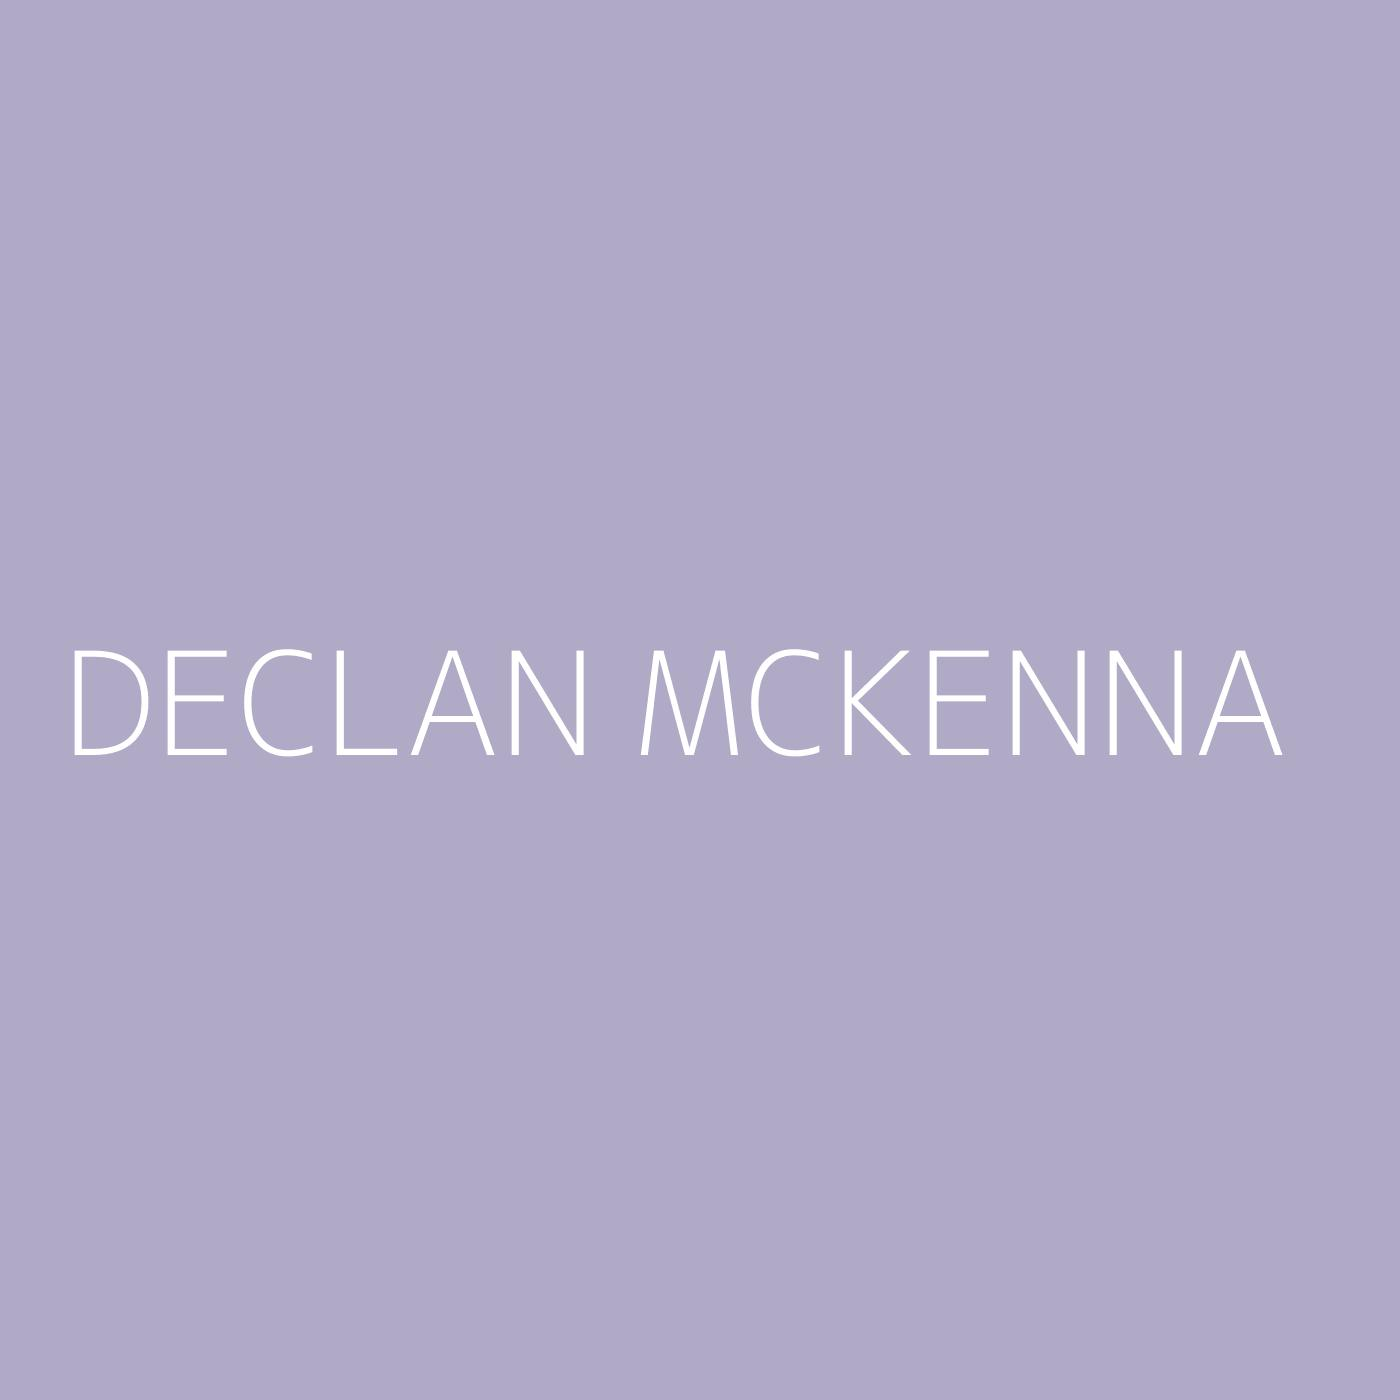 Declan McKenna Playlist Artwork